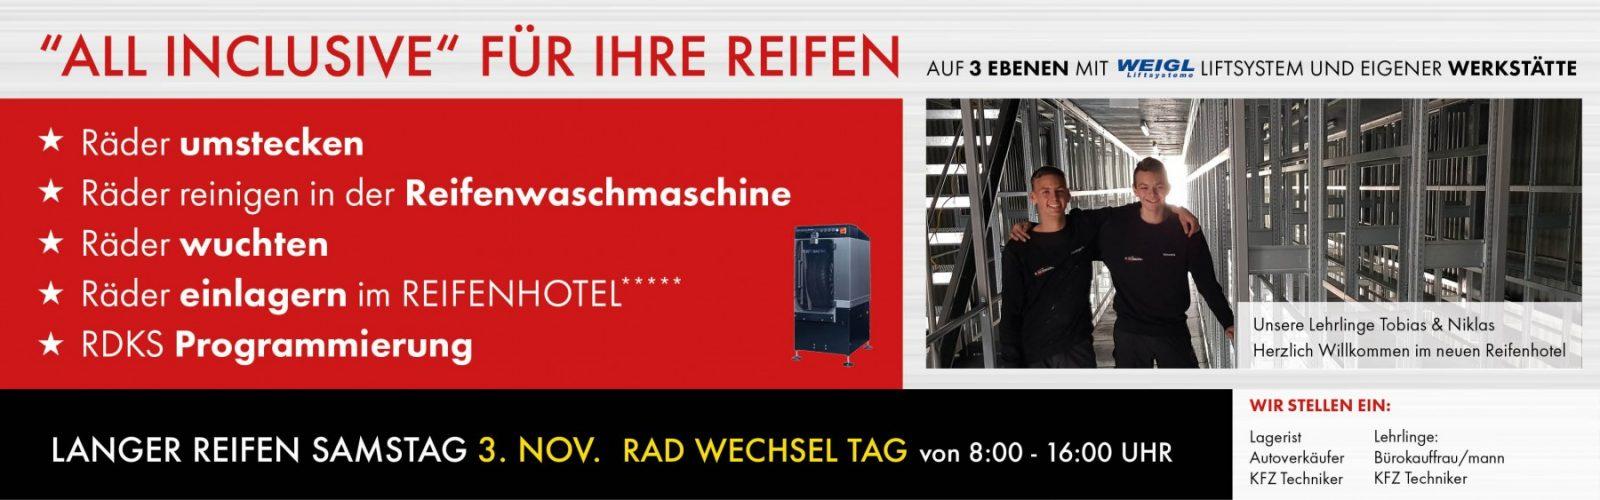 Wir stellen ein bei HWS || Ing. Günther Baschinger GmbH in